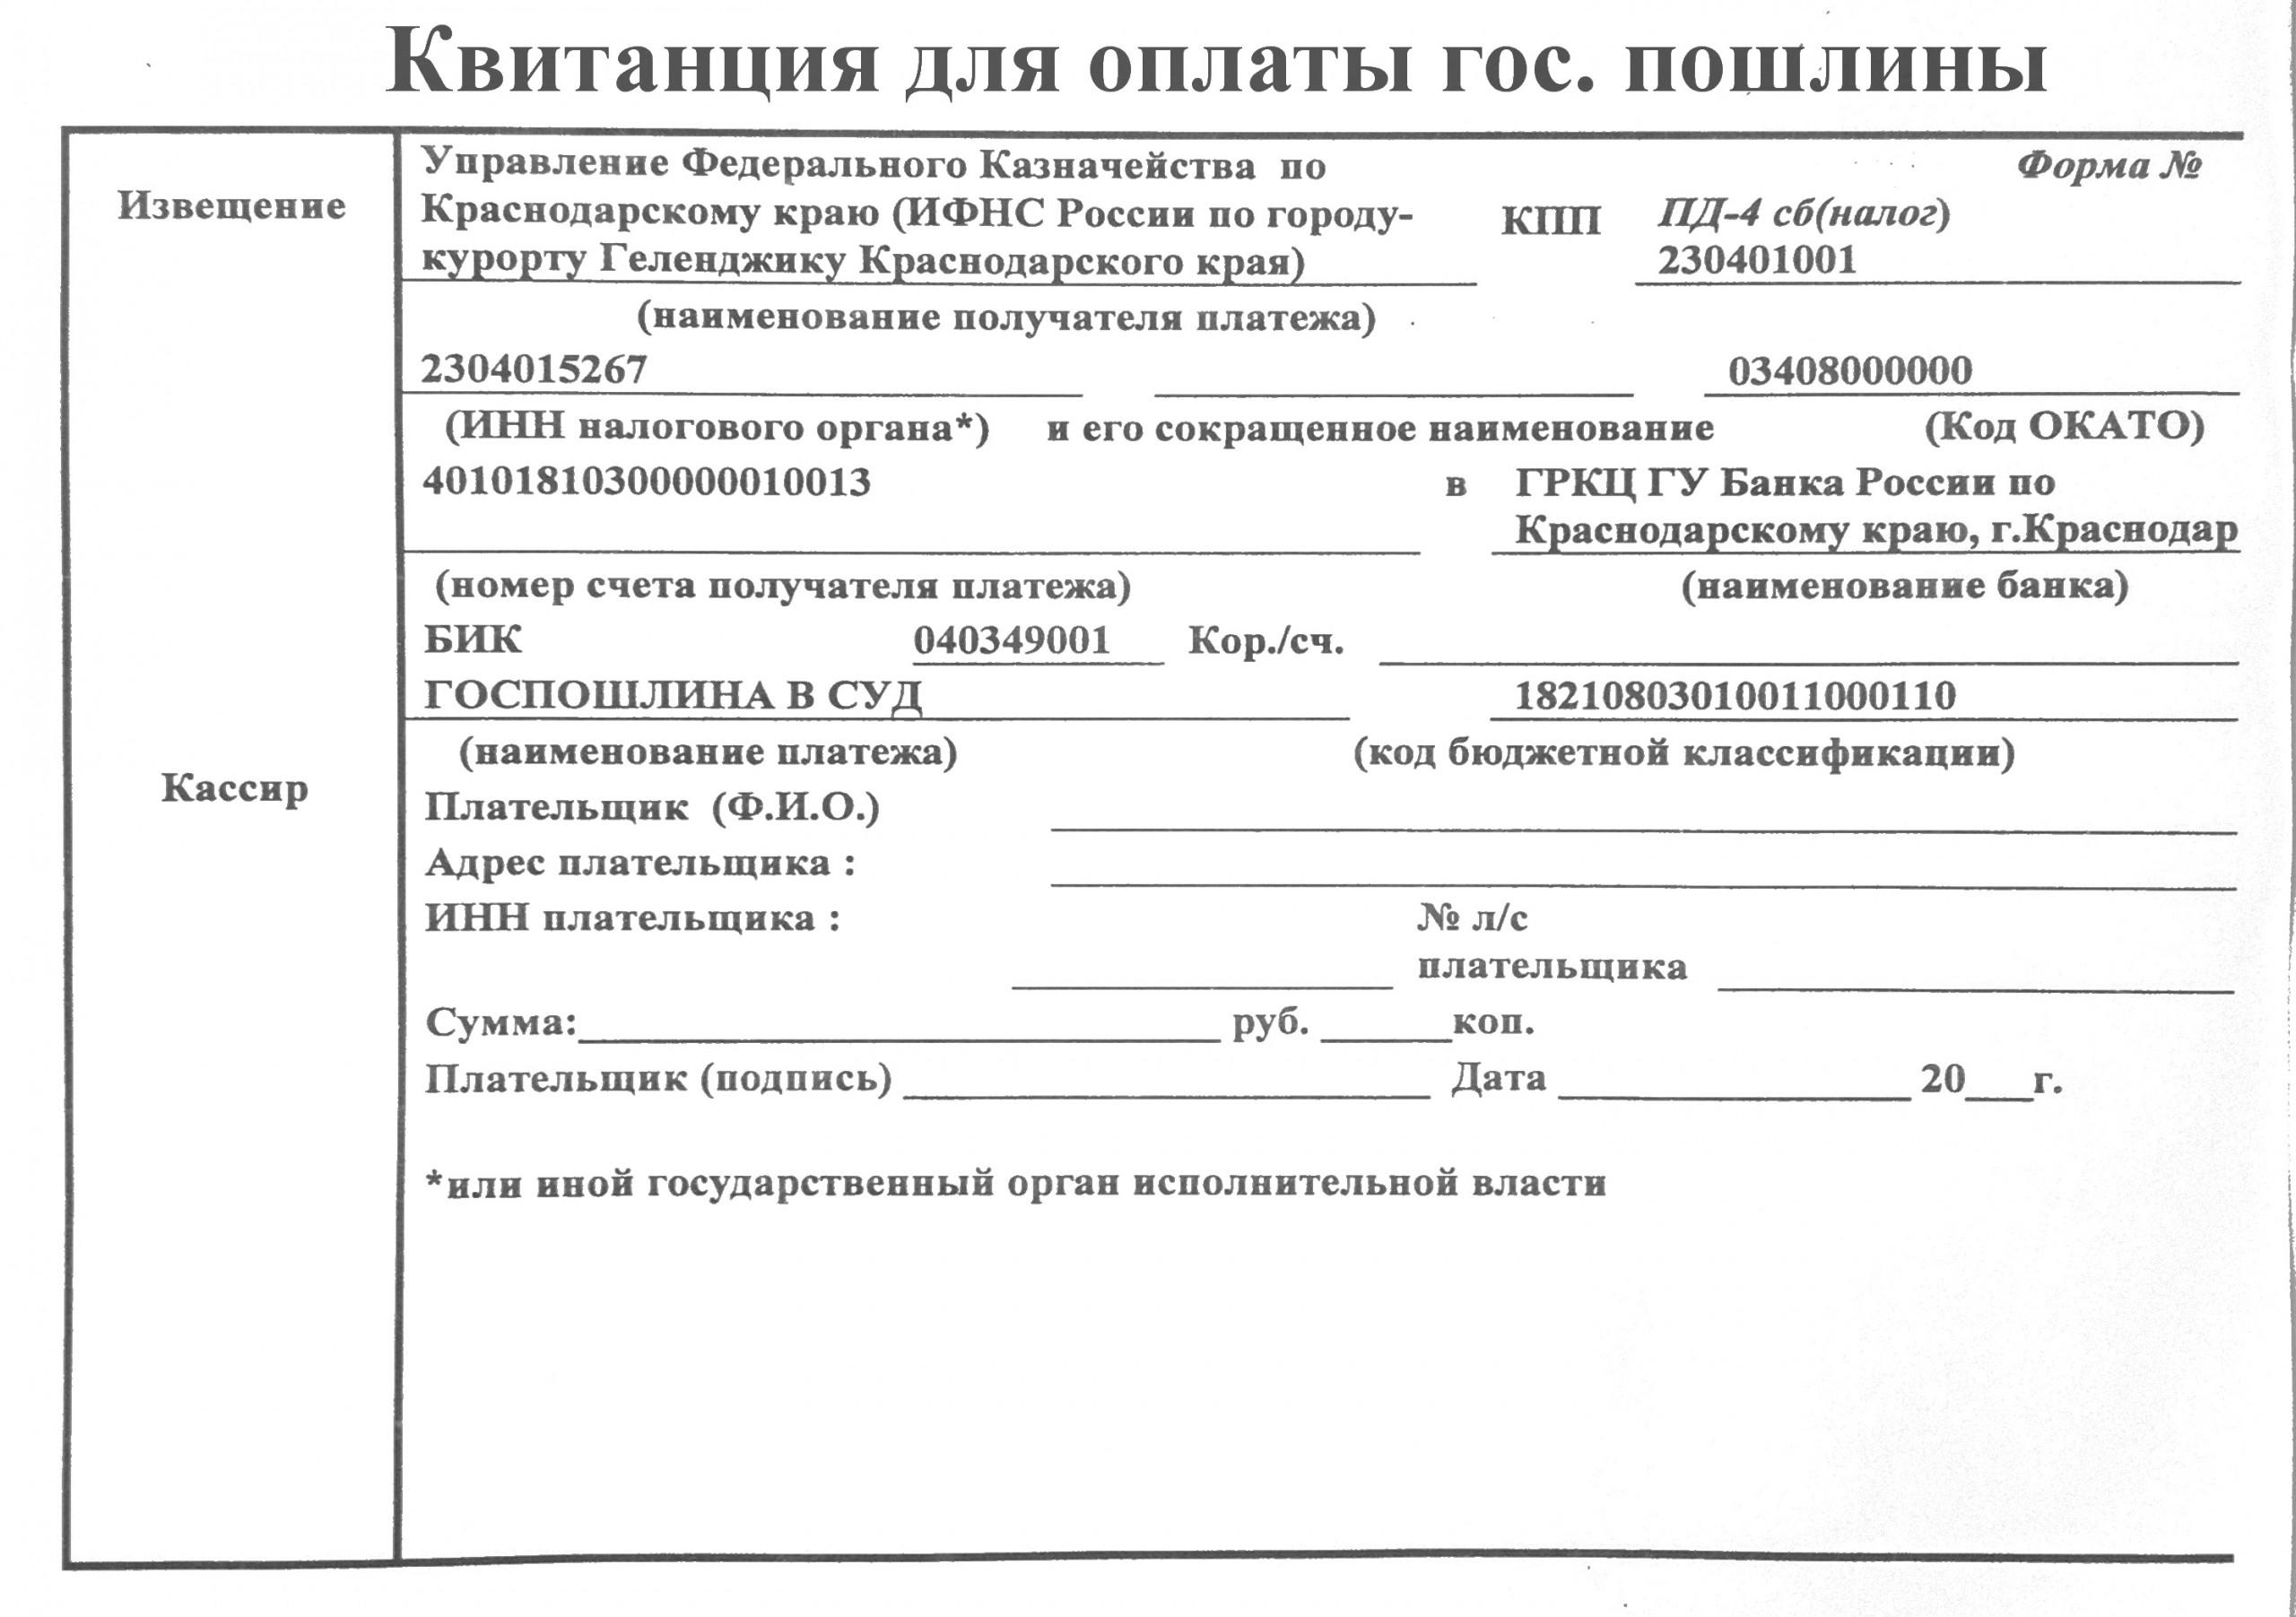 Образец квитанции по оплате государственной пошлины при выдаче повторного свидетельства